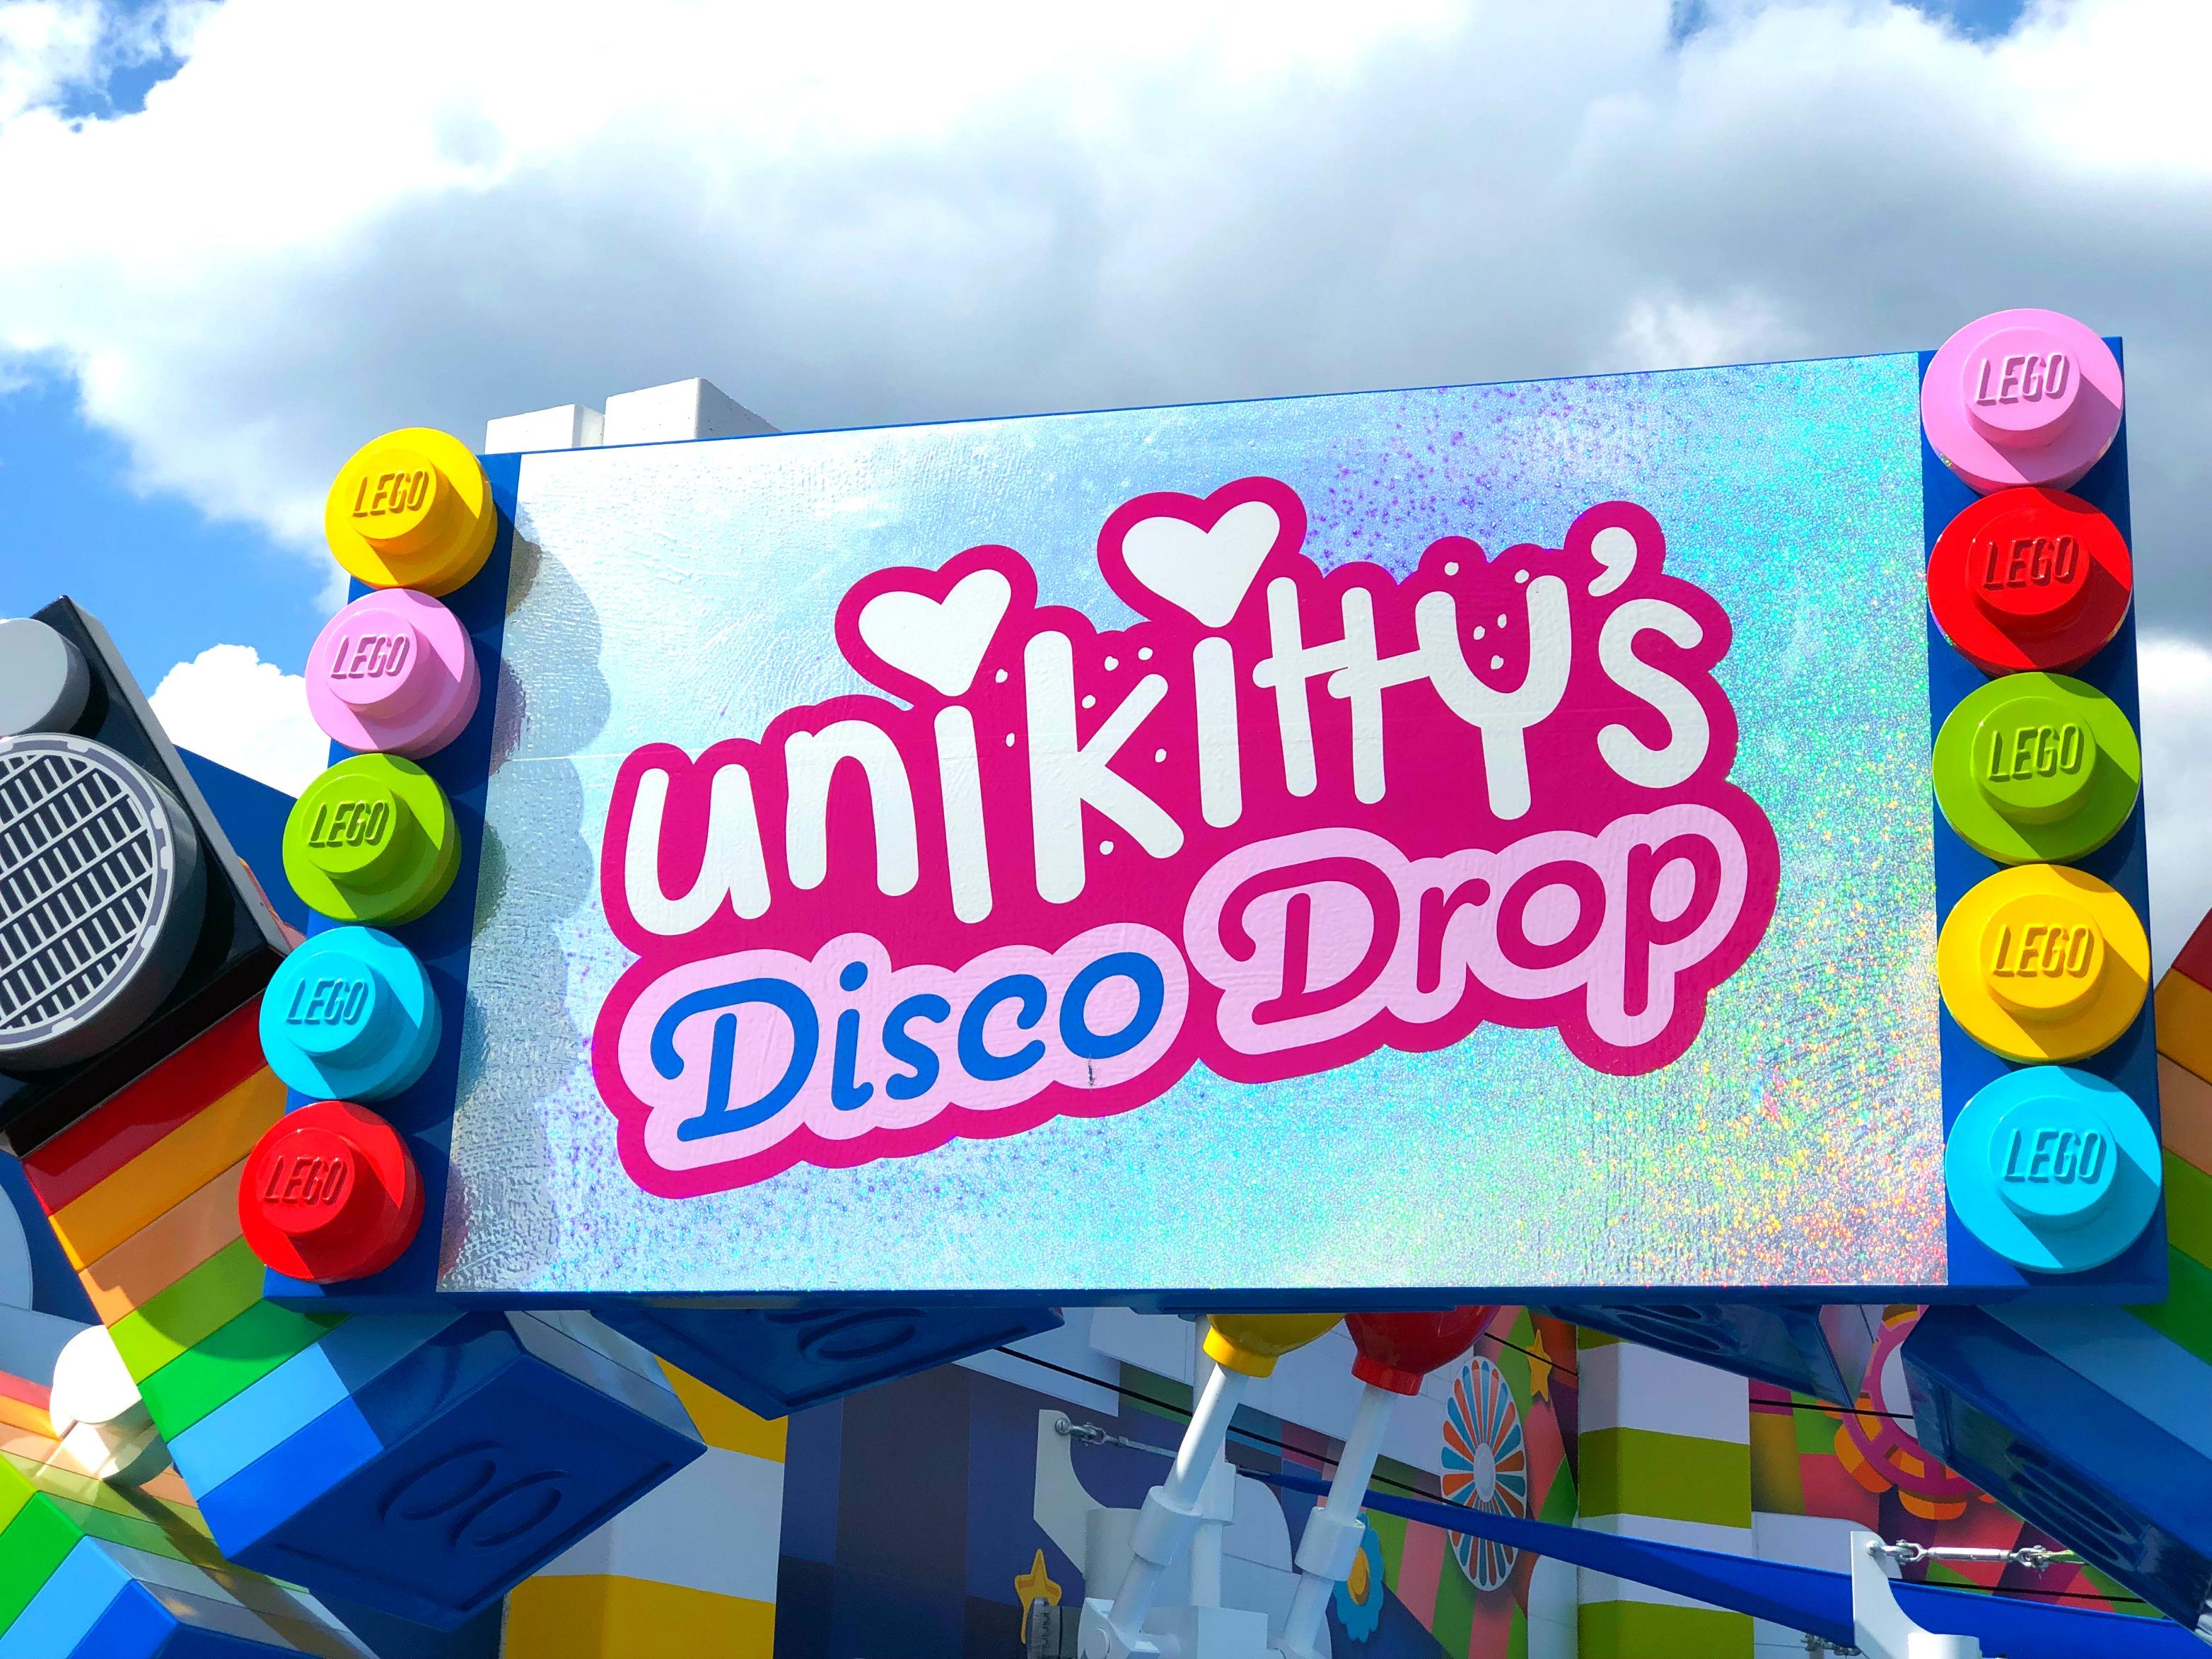 Unikittys Disco Drop